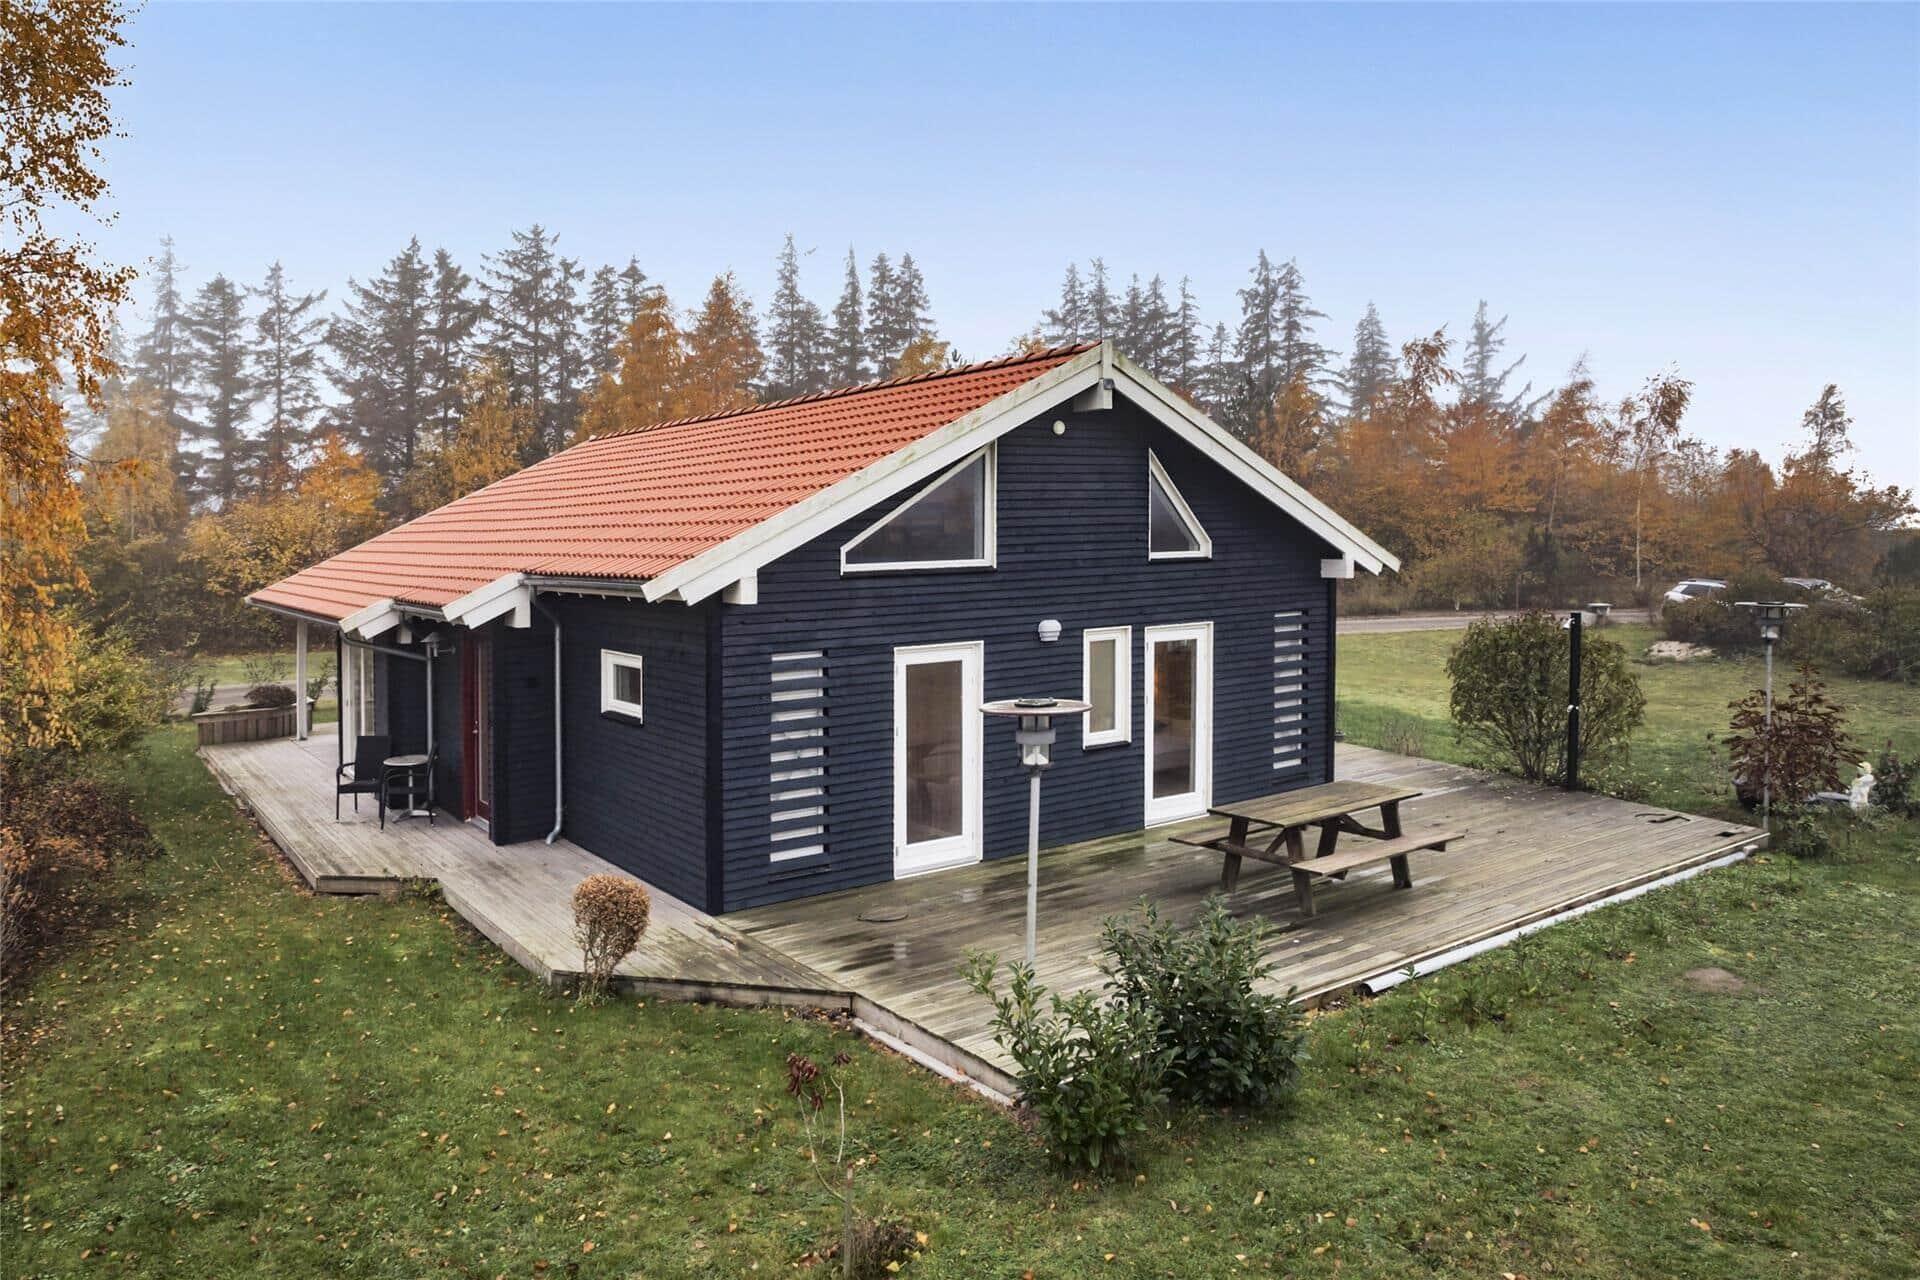 Image 1-174 Holiday-home M12011, Marielyst Strandpark 128, DK - 4873 Væggerløse